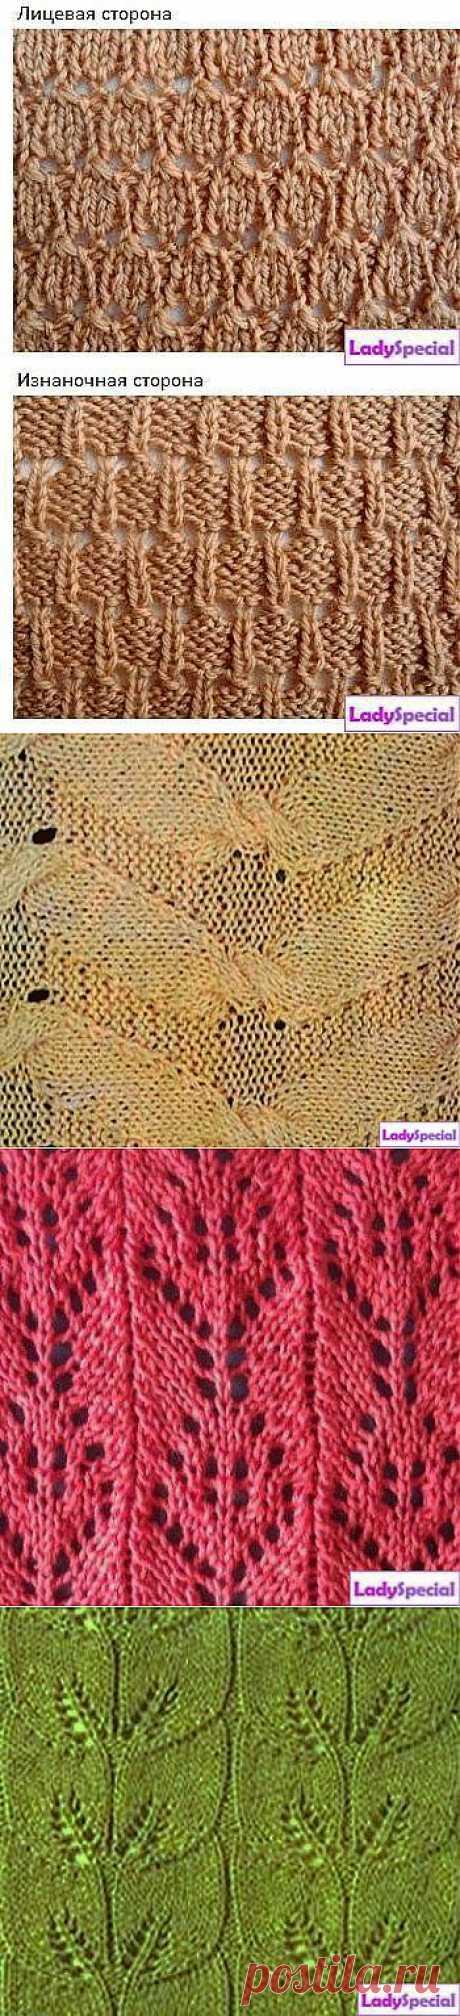 Узоры для вязания шапок спицами | Домохозяйки